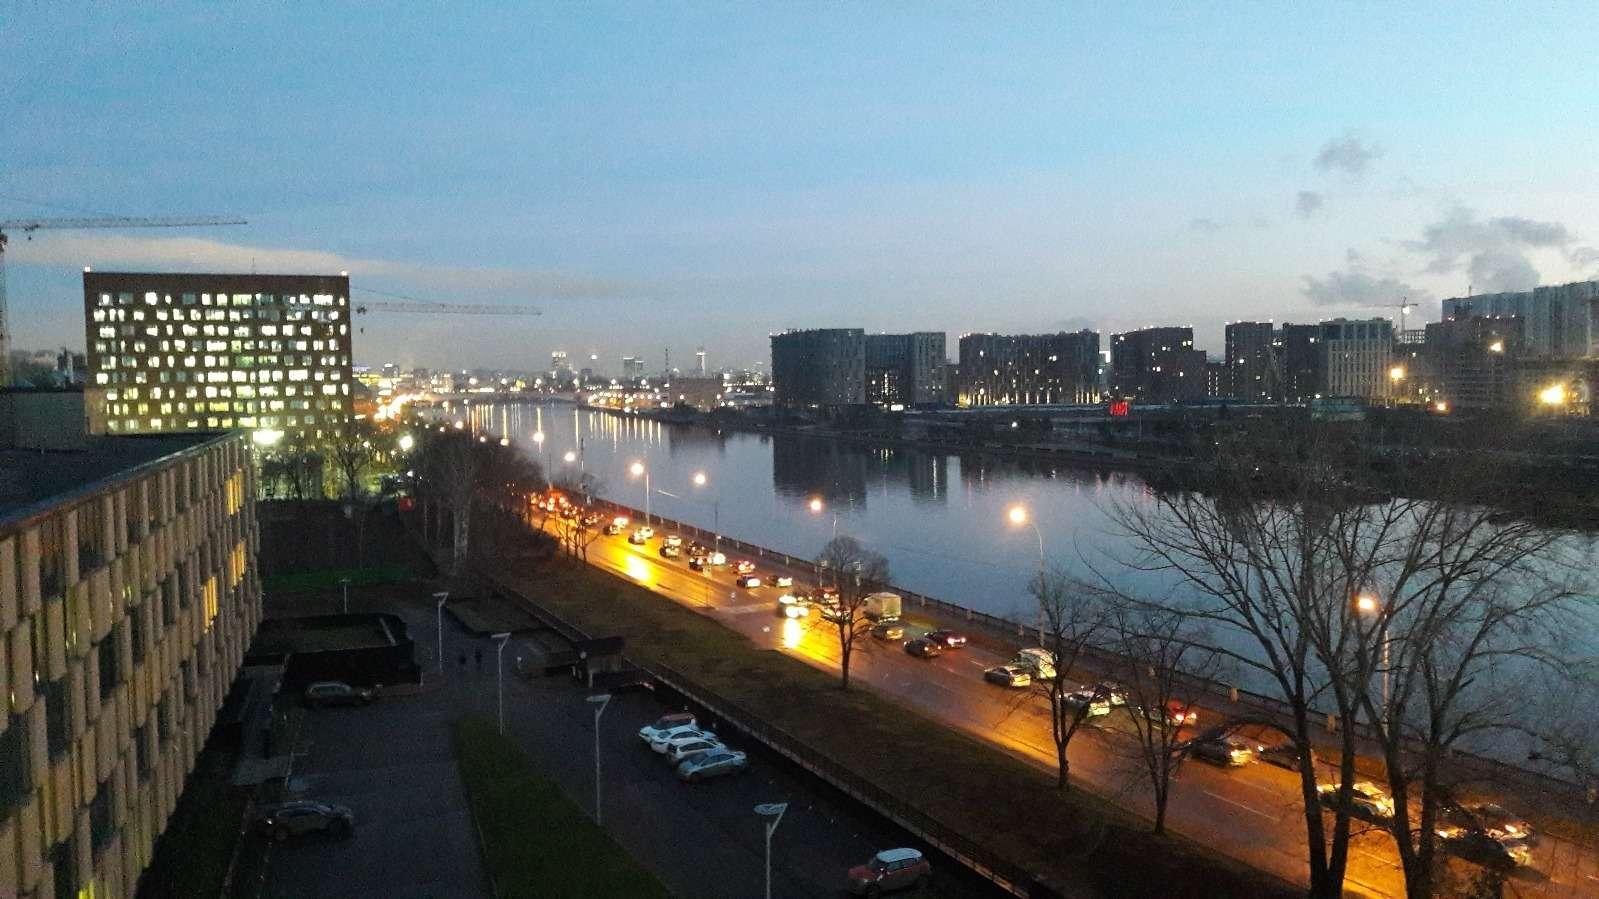 Движение вночное время— фото 1144584